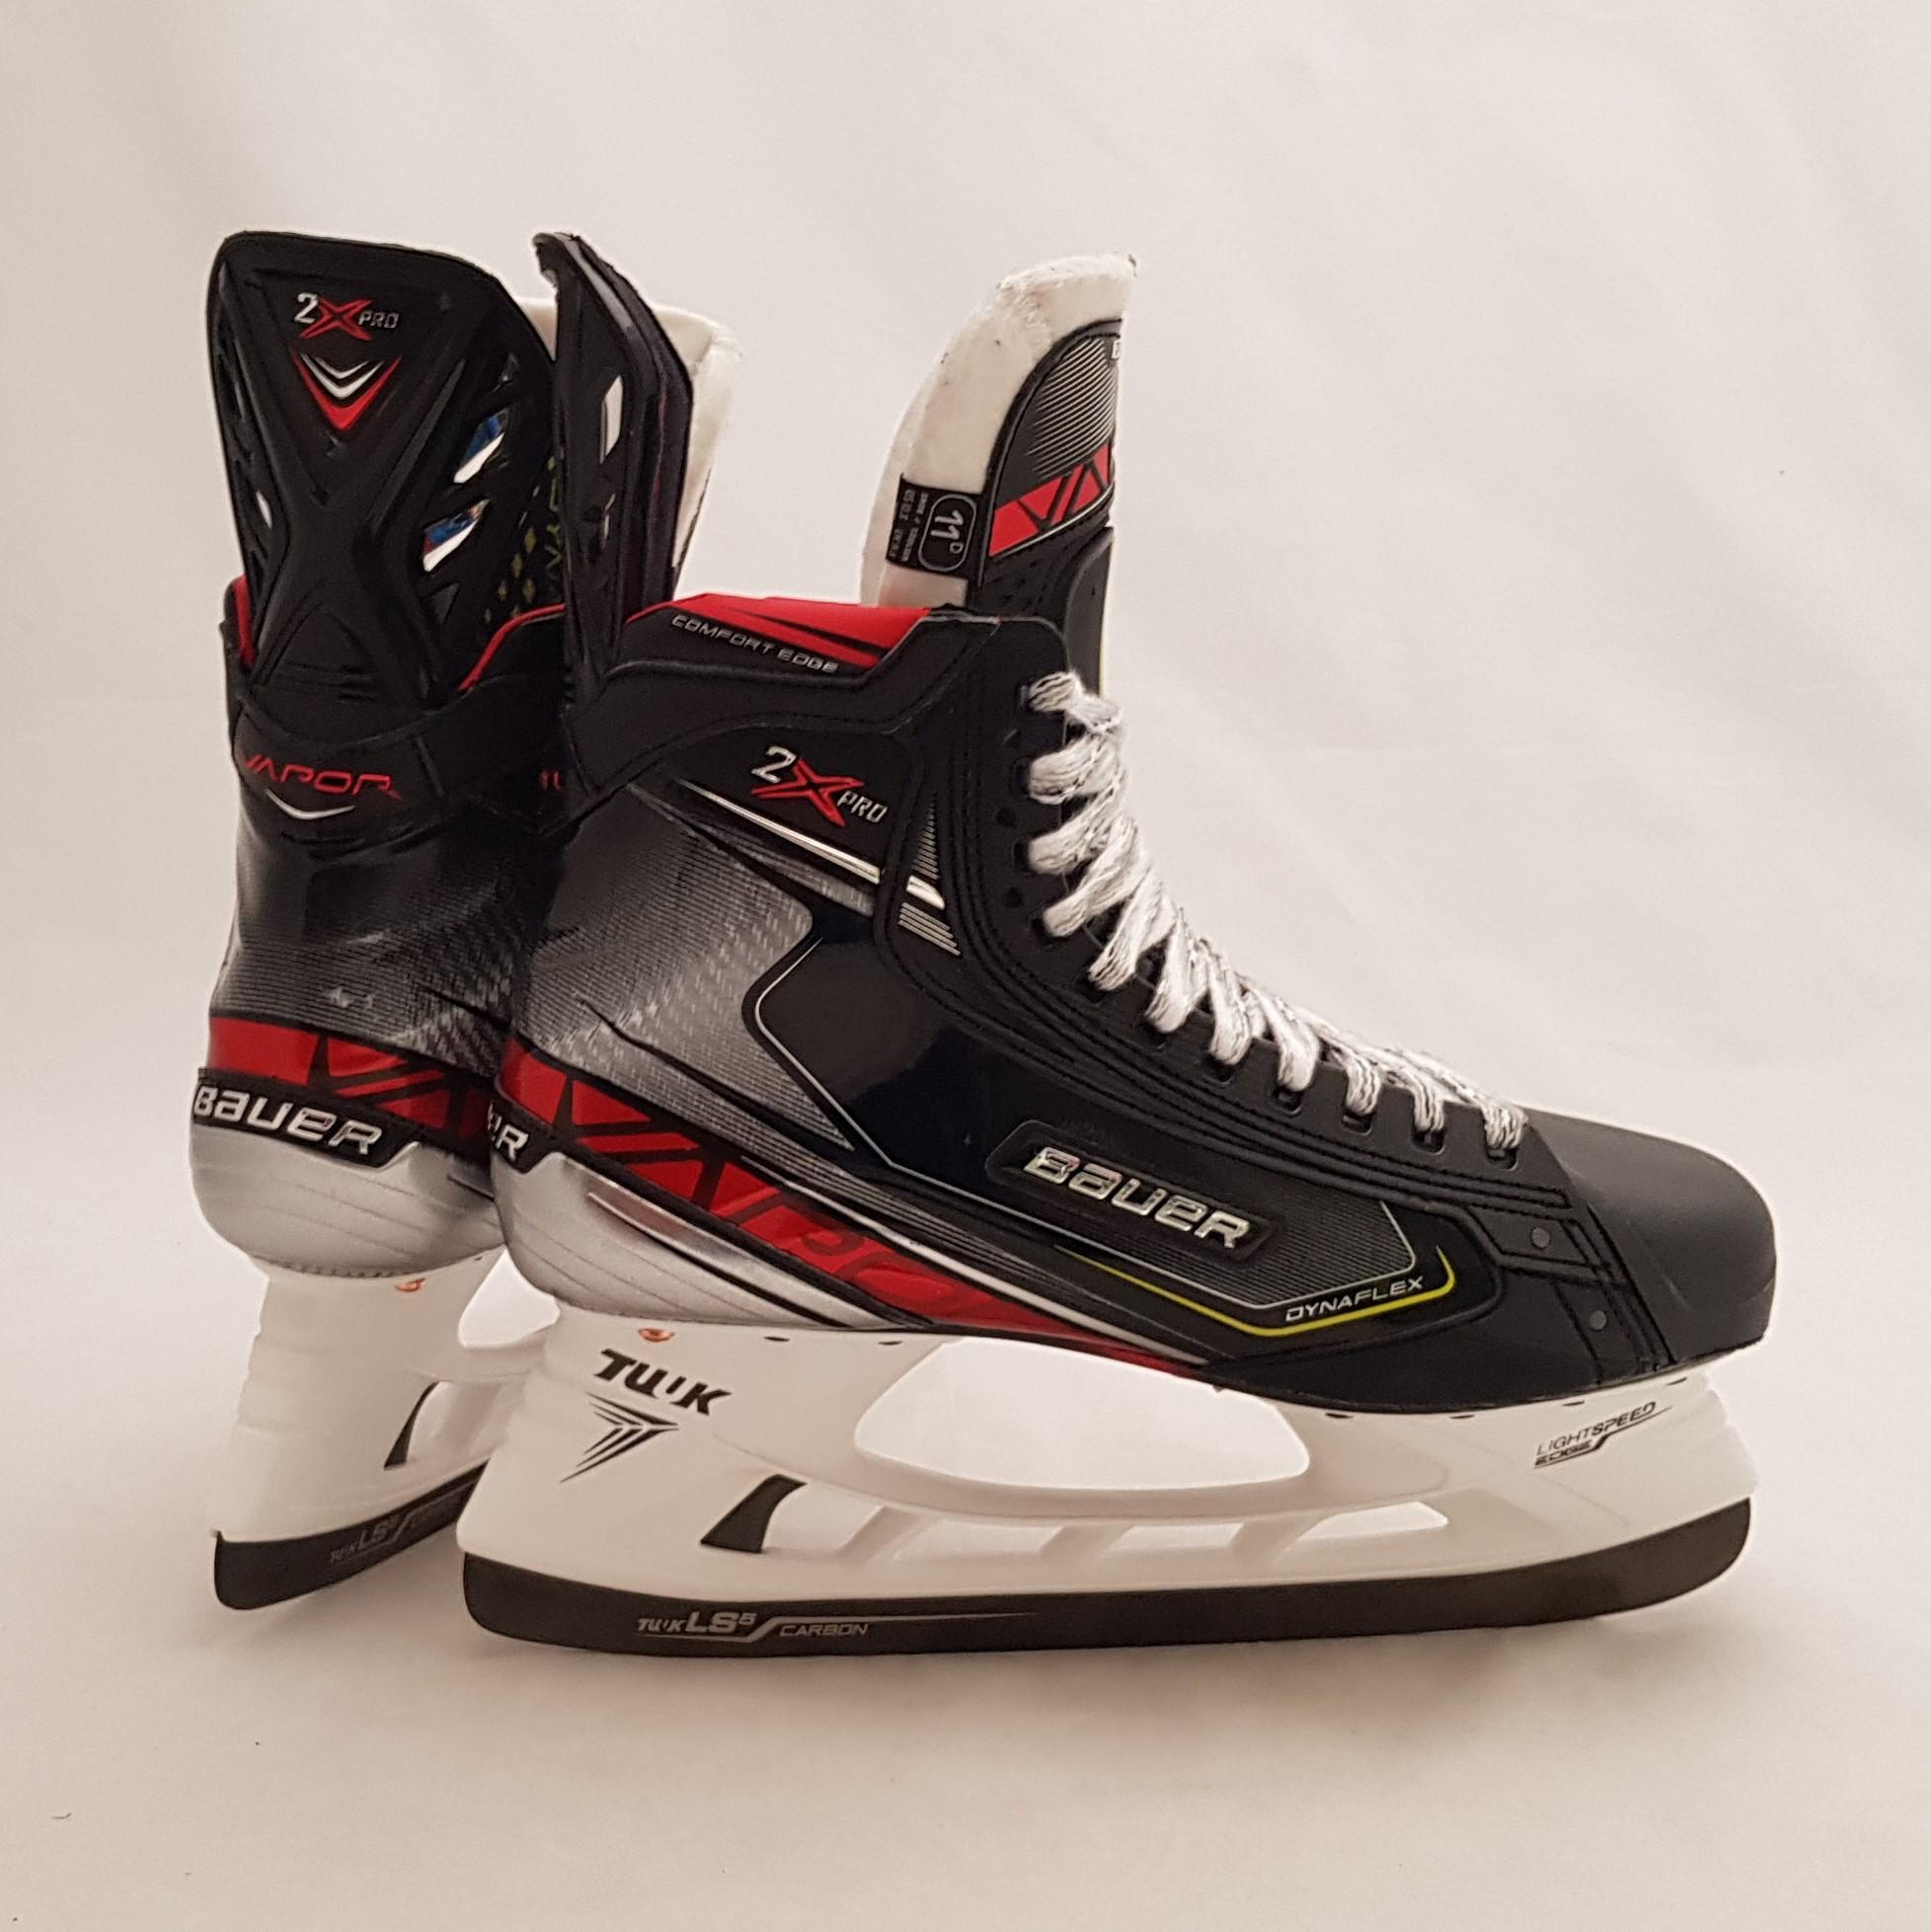 Demo BAUER Vapor 2X Pro S19 Junioru Hokeja Slidas